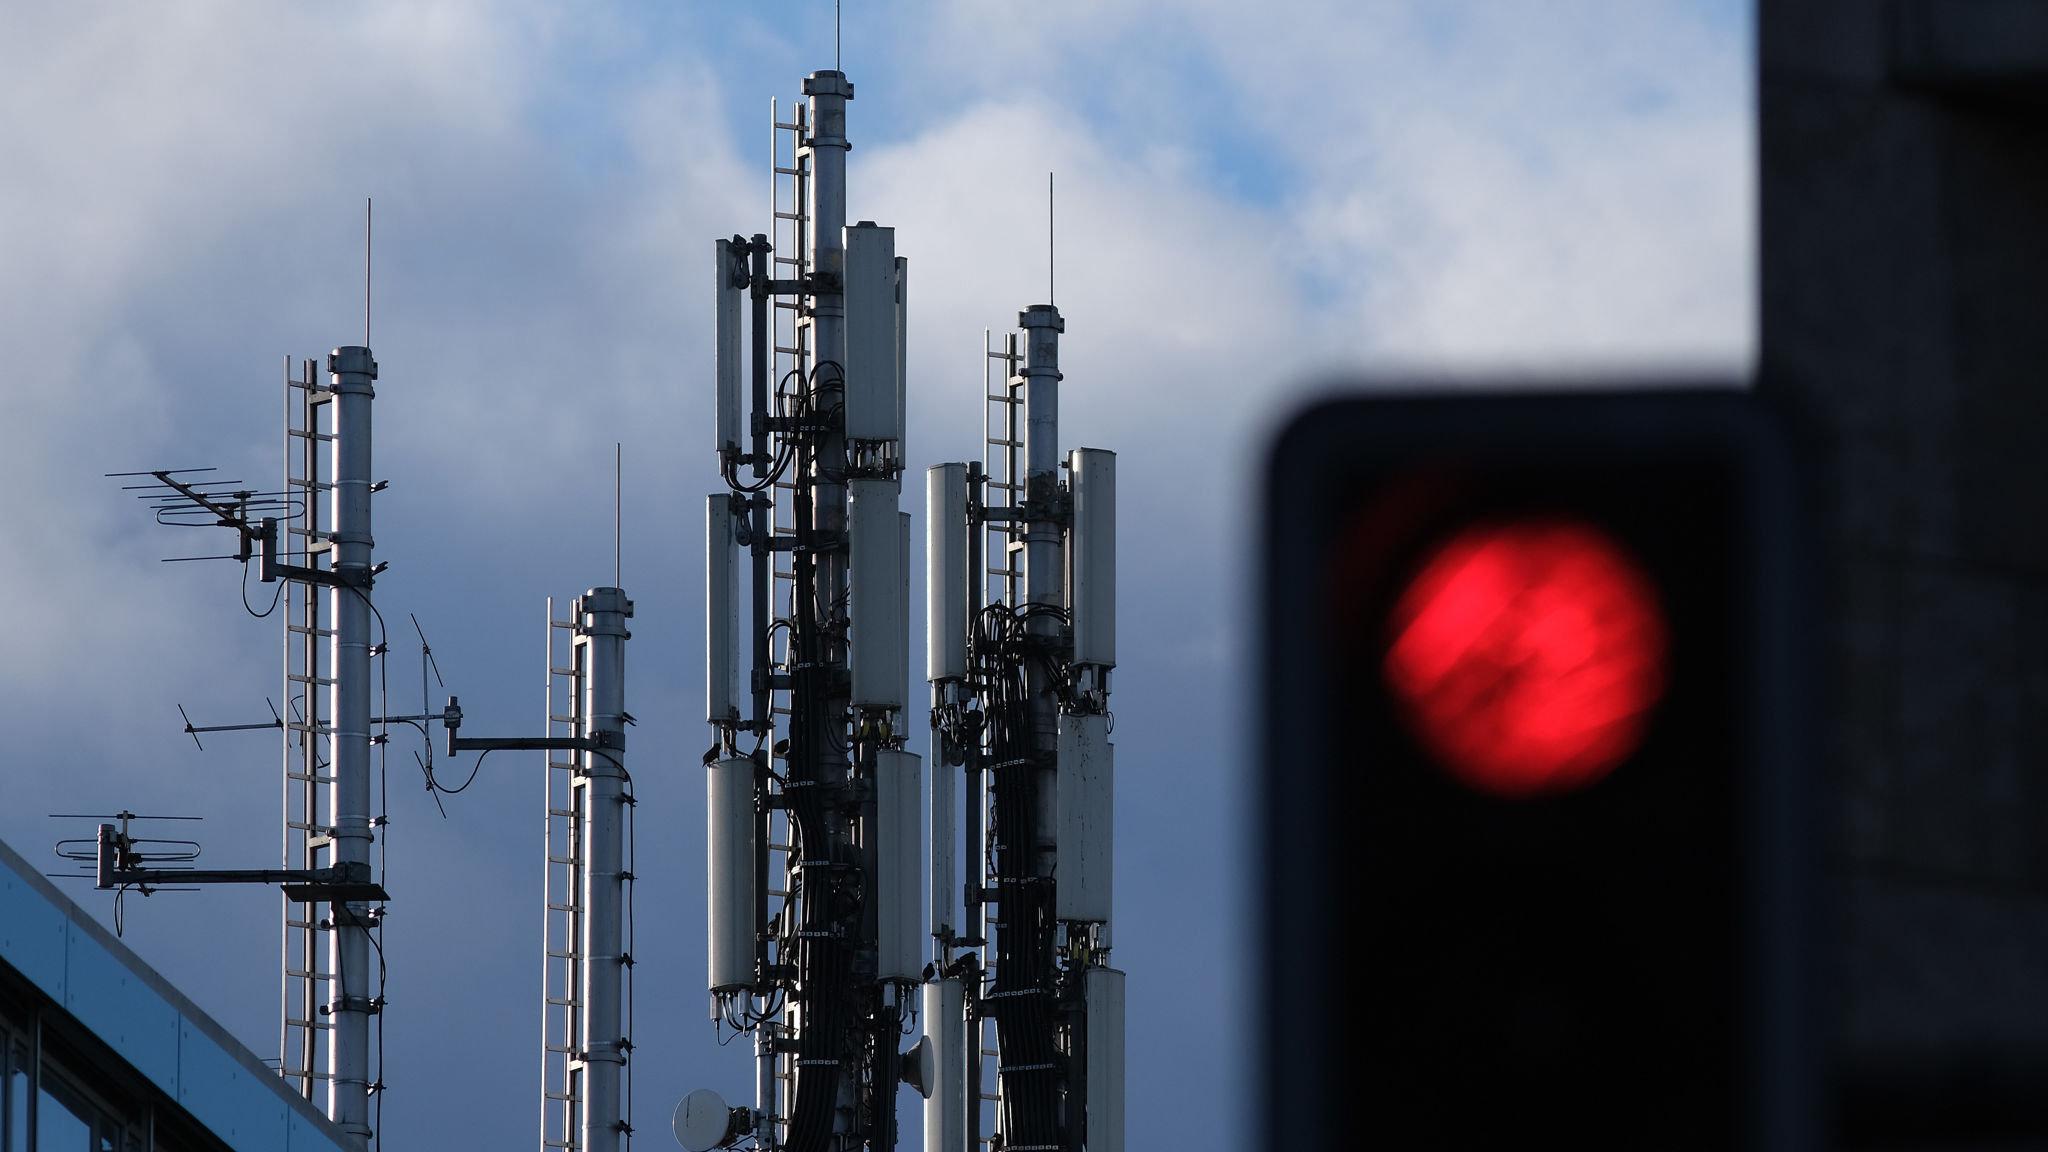 Telefónica to unwind sprawling telecoms empire